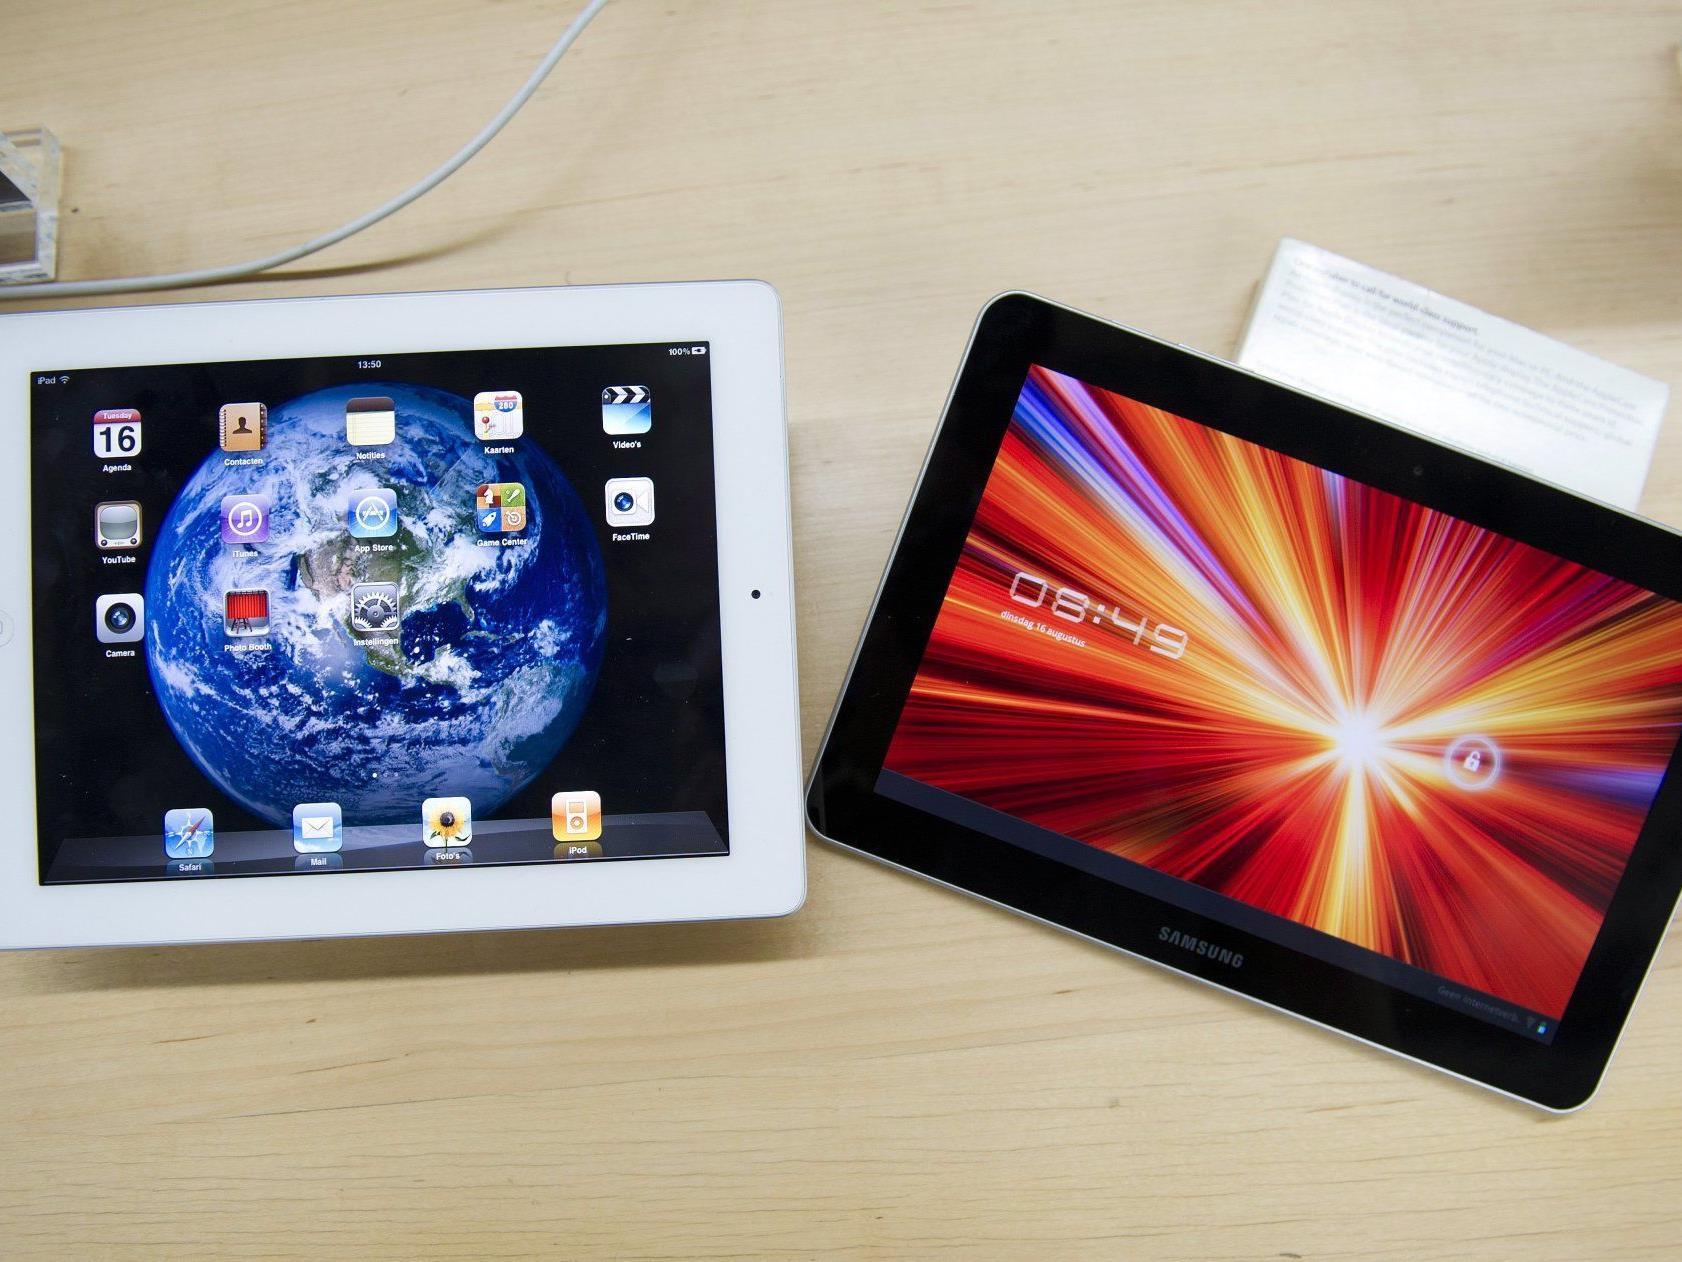 Das Ipad2 (l) musste sich dem Galaxy Tab 10.1 (r) knapp geschlagen geben.